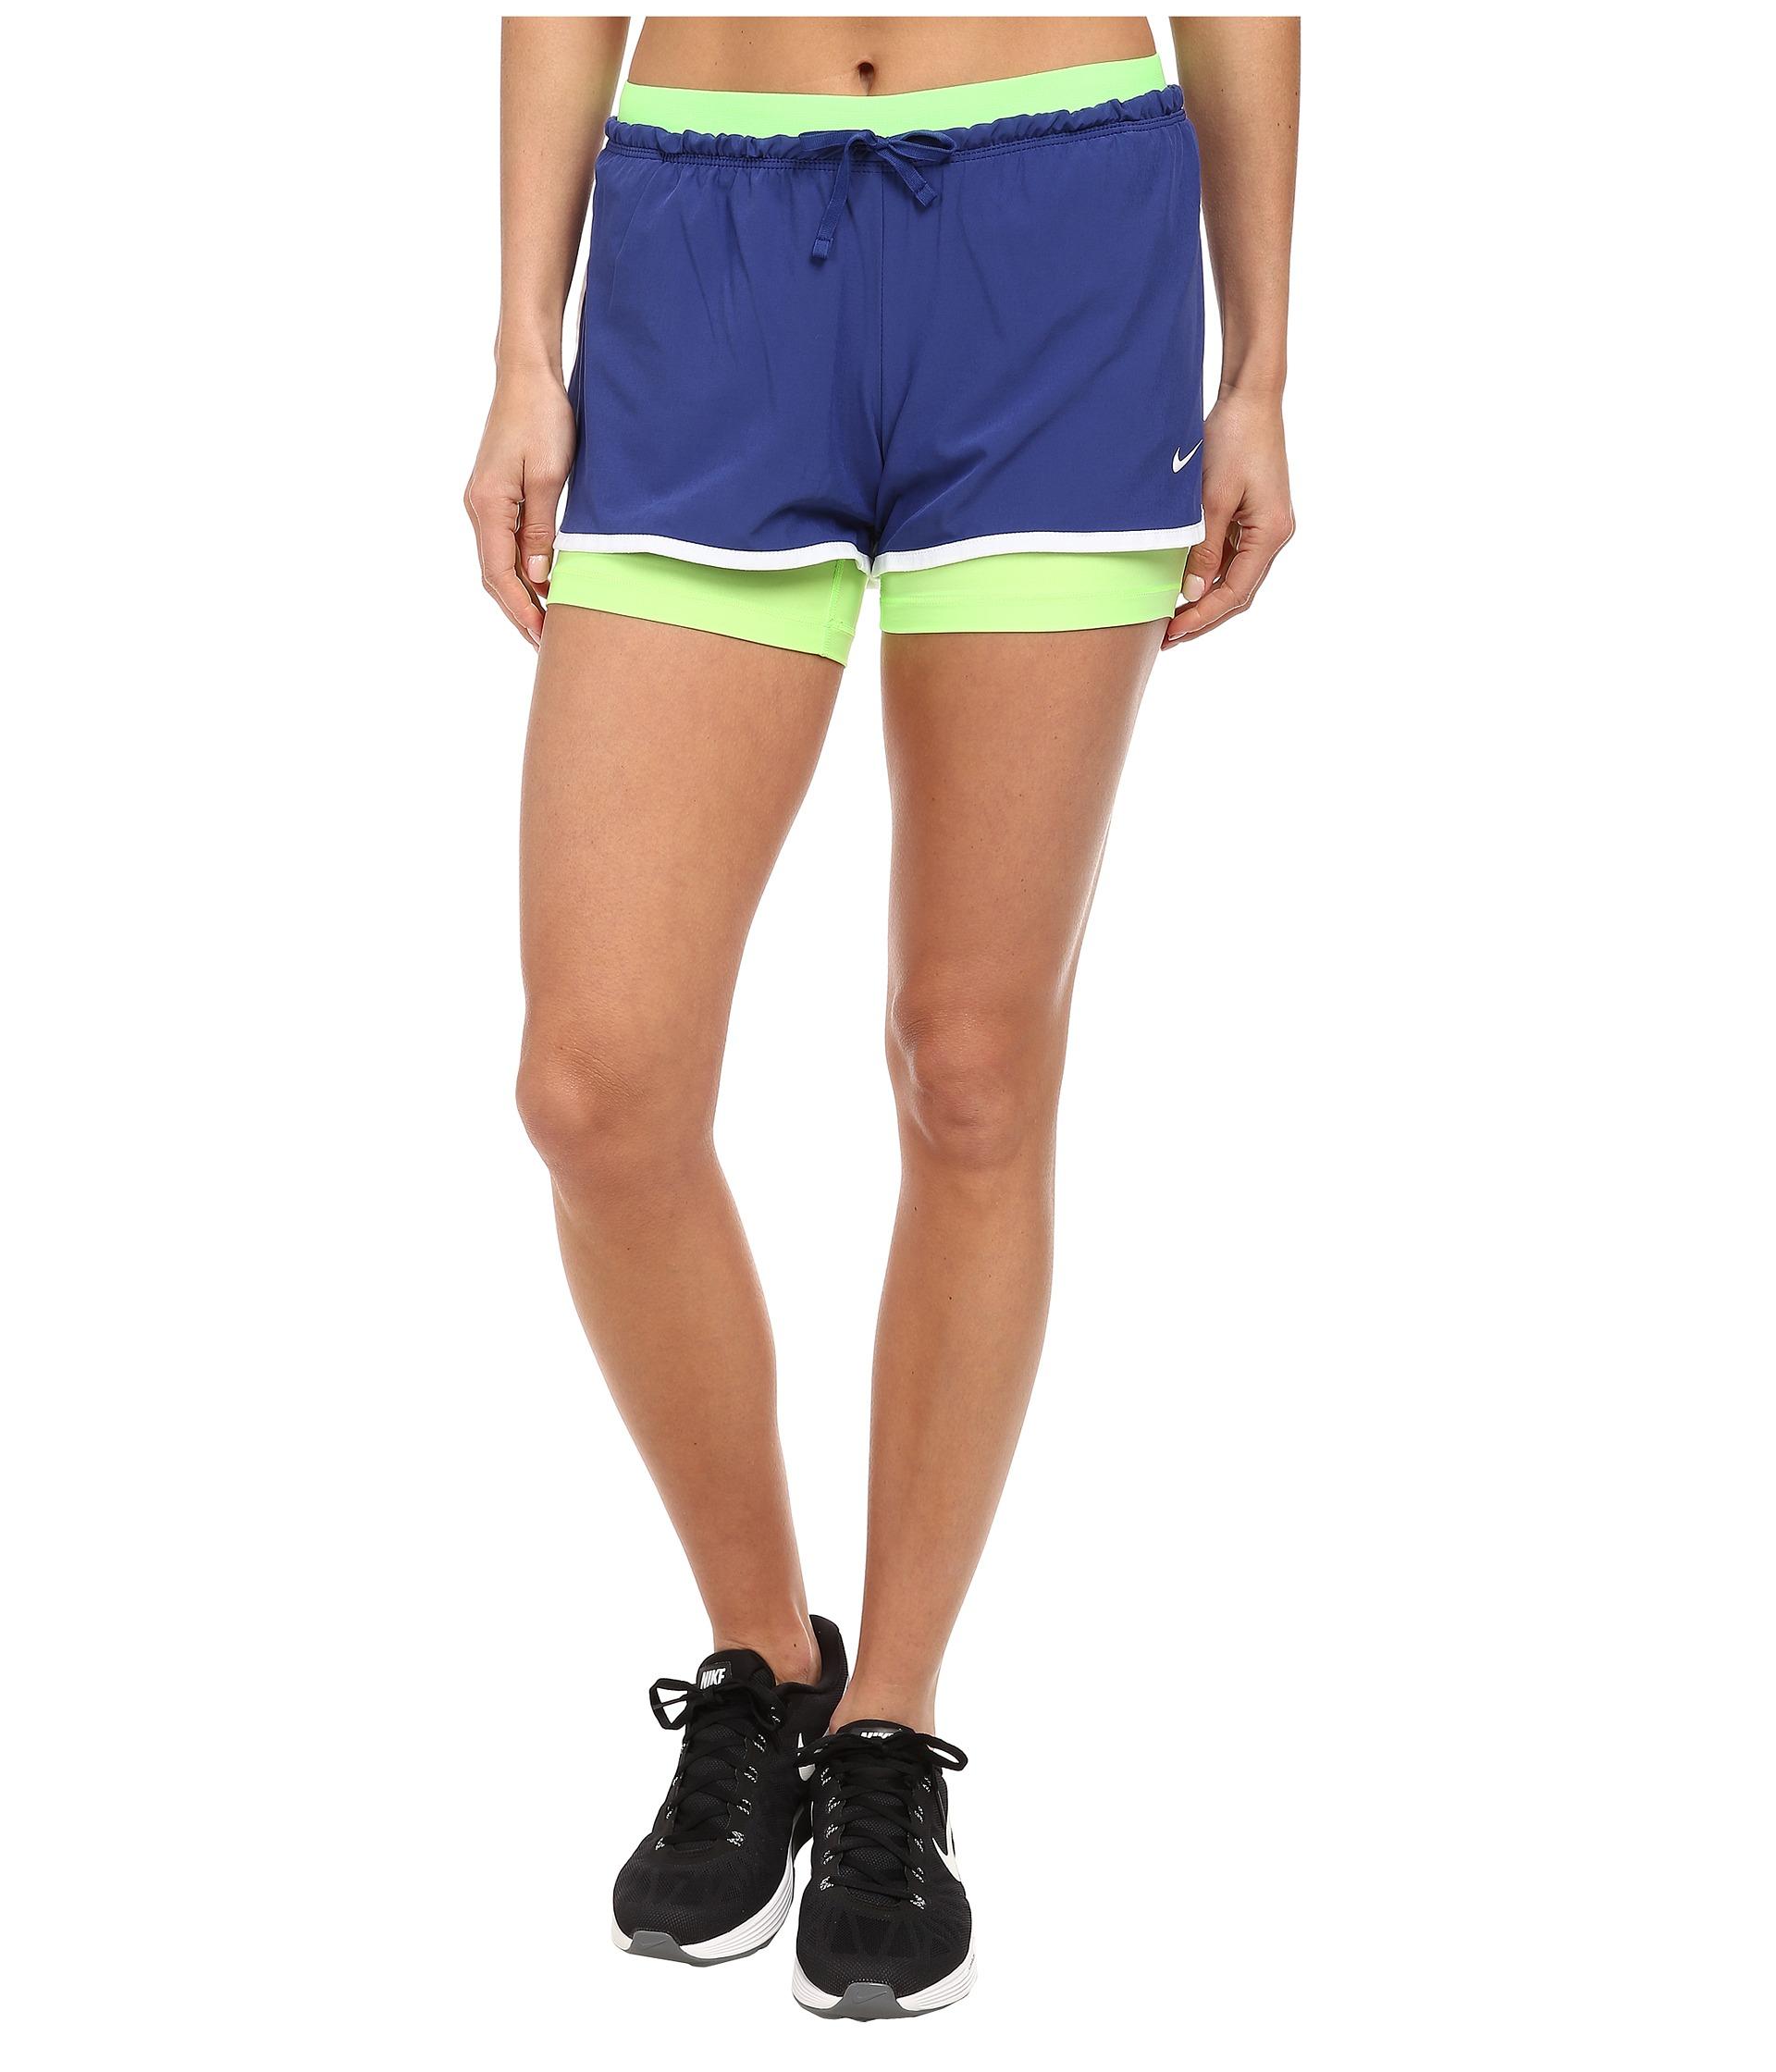 088d0f0526af Lyst - Nike Dri-Fit™ Full Flex 2-In-1 Short in Blue